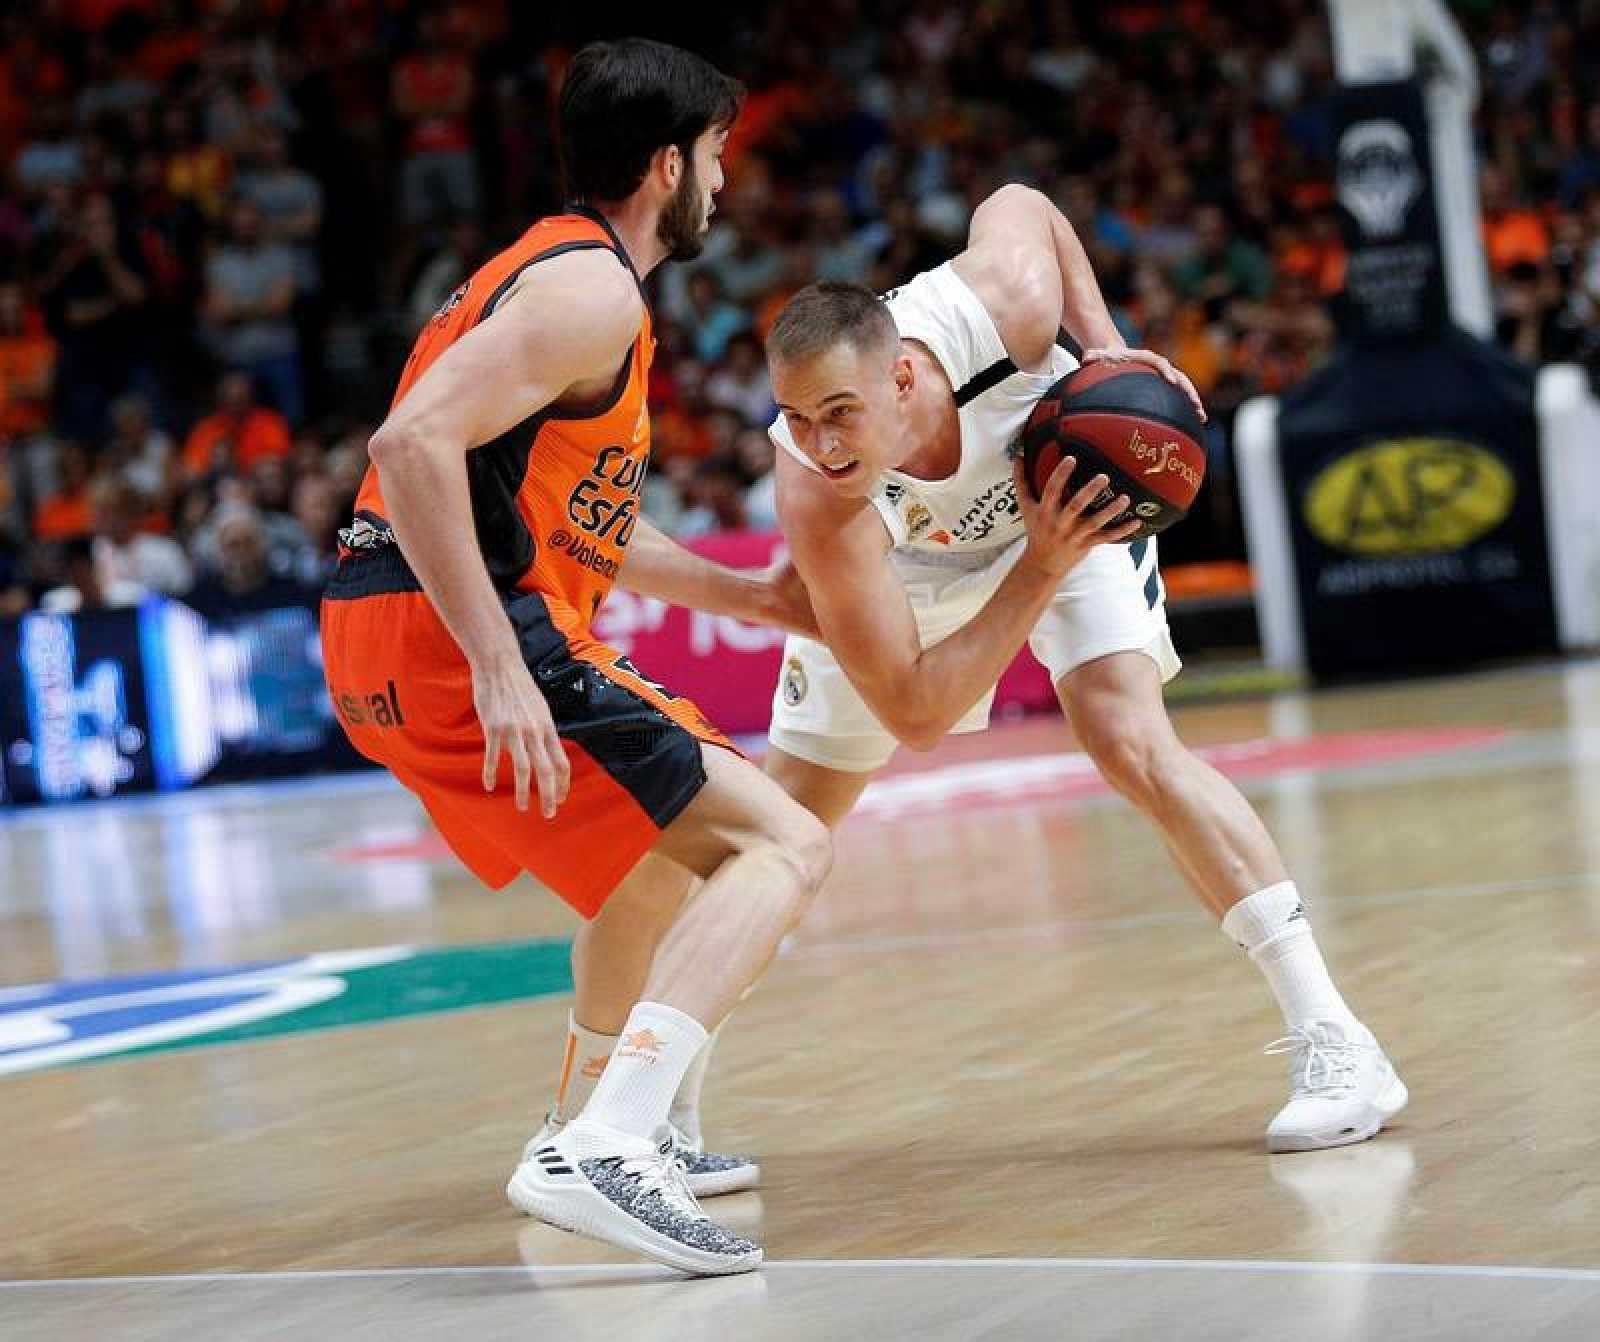 El escolta del Valencia Basket Sergi García (i) defiende al escolta esloveno del Real Madrid Klemen Prepelic en el partido de la segunda jornada de liga ACB que se disputa esta noche en el pabellón de la Fuente de San Luis.